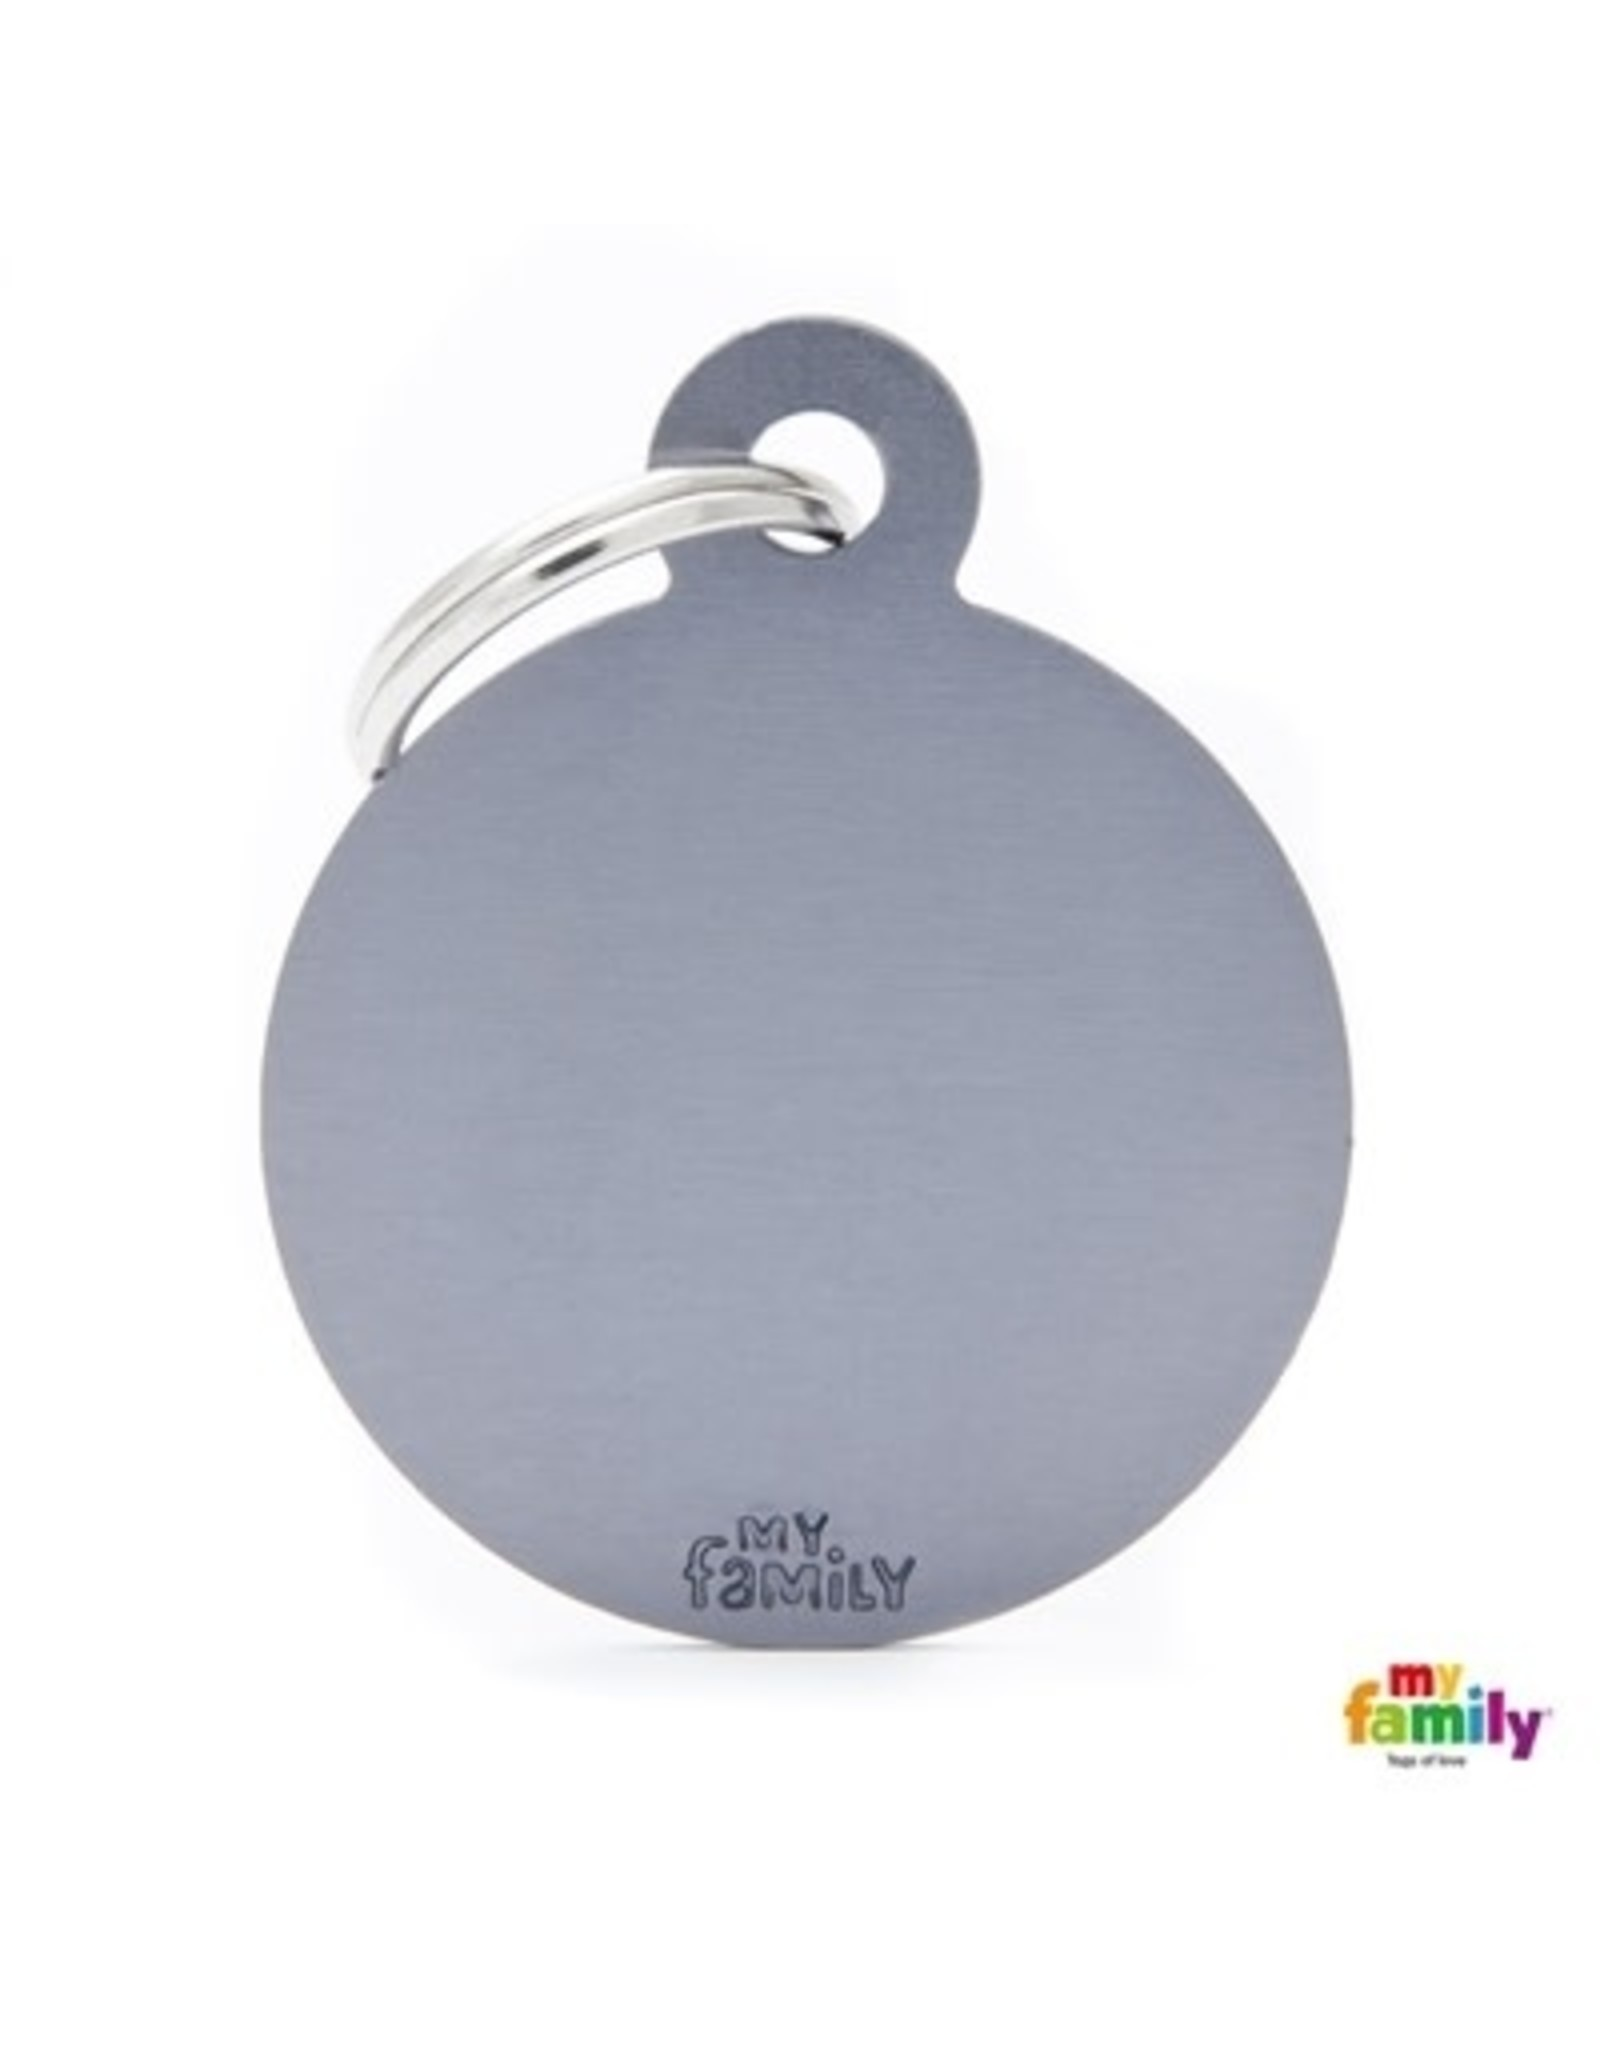 MyFamily Tag - Round Aluminium Grey